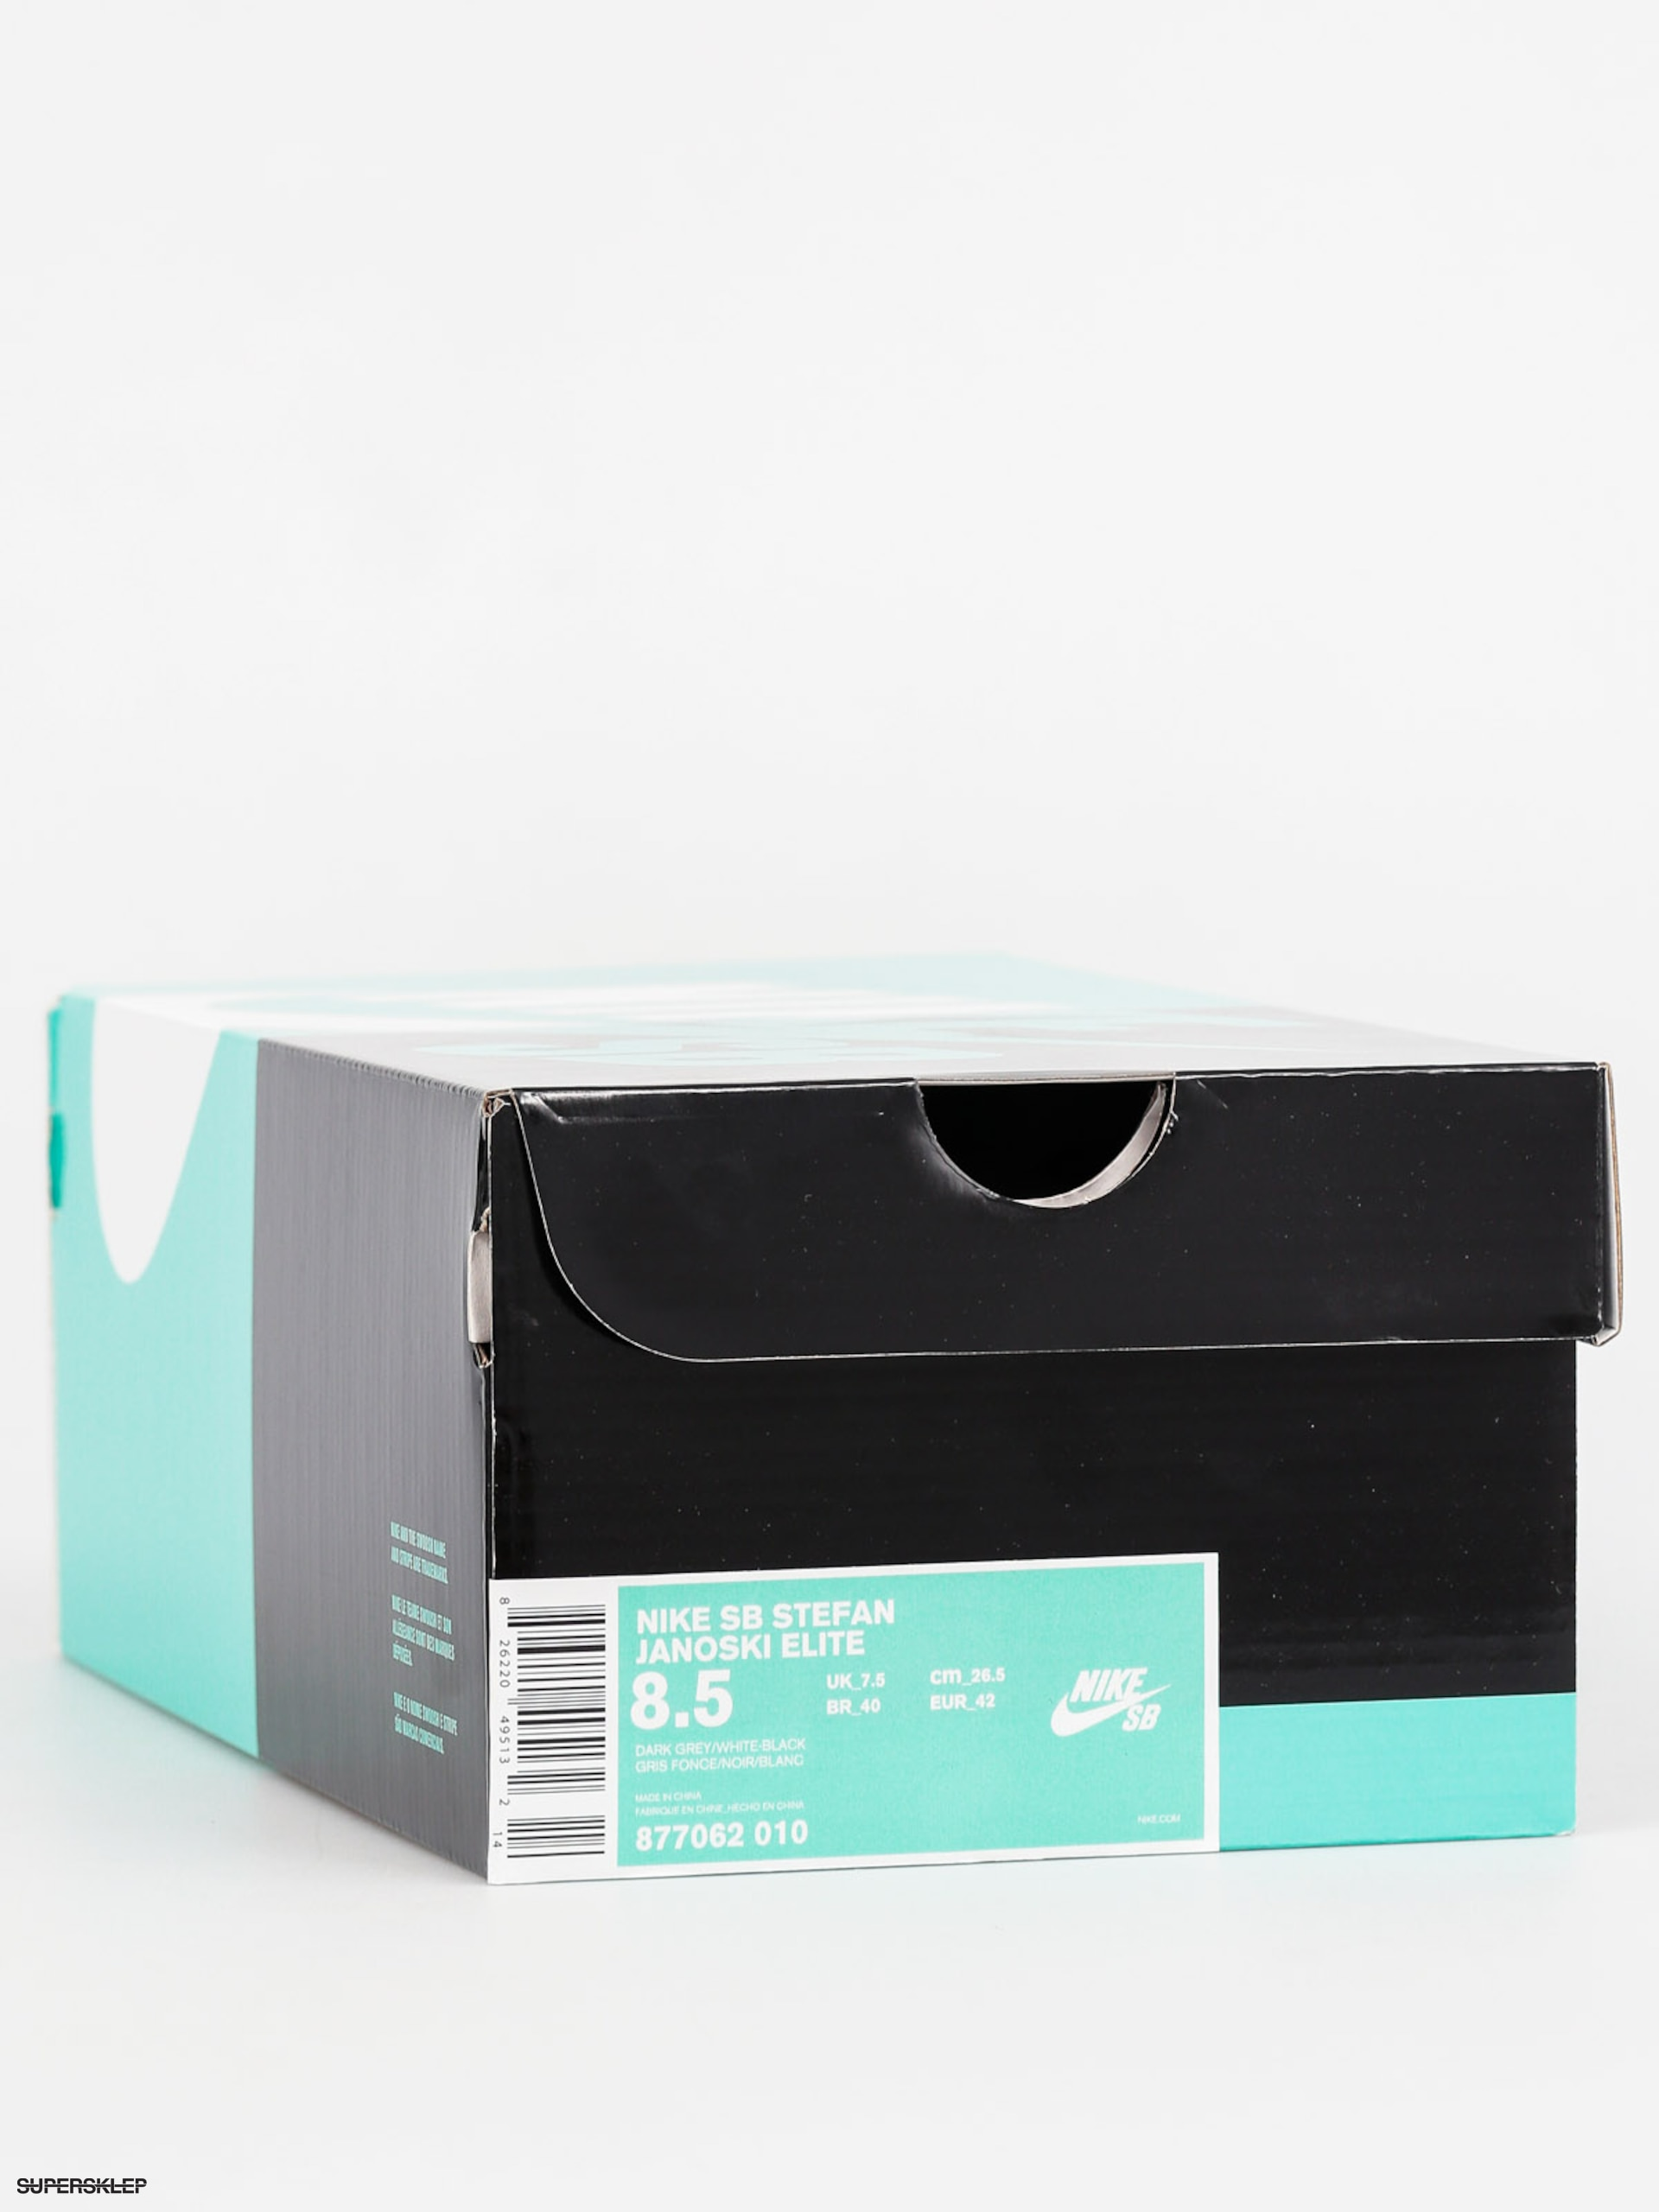 separation shoes 8e2c1 55788 Buty Nike SB Stefan Janoski Elite (dark grey/white black)